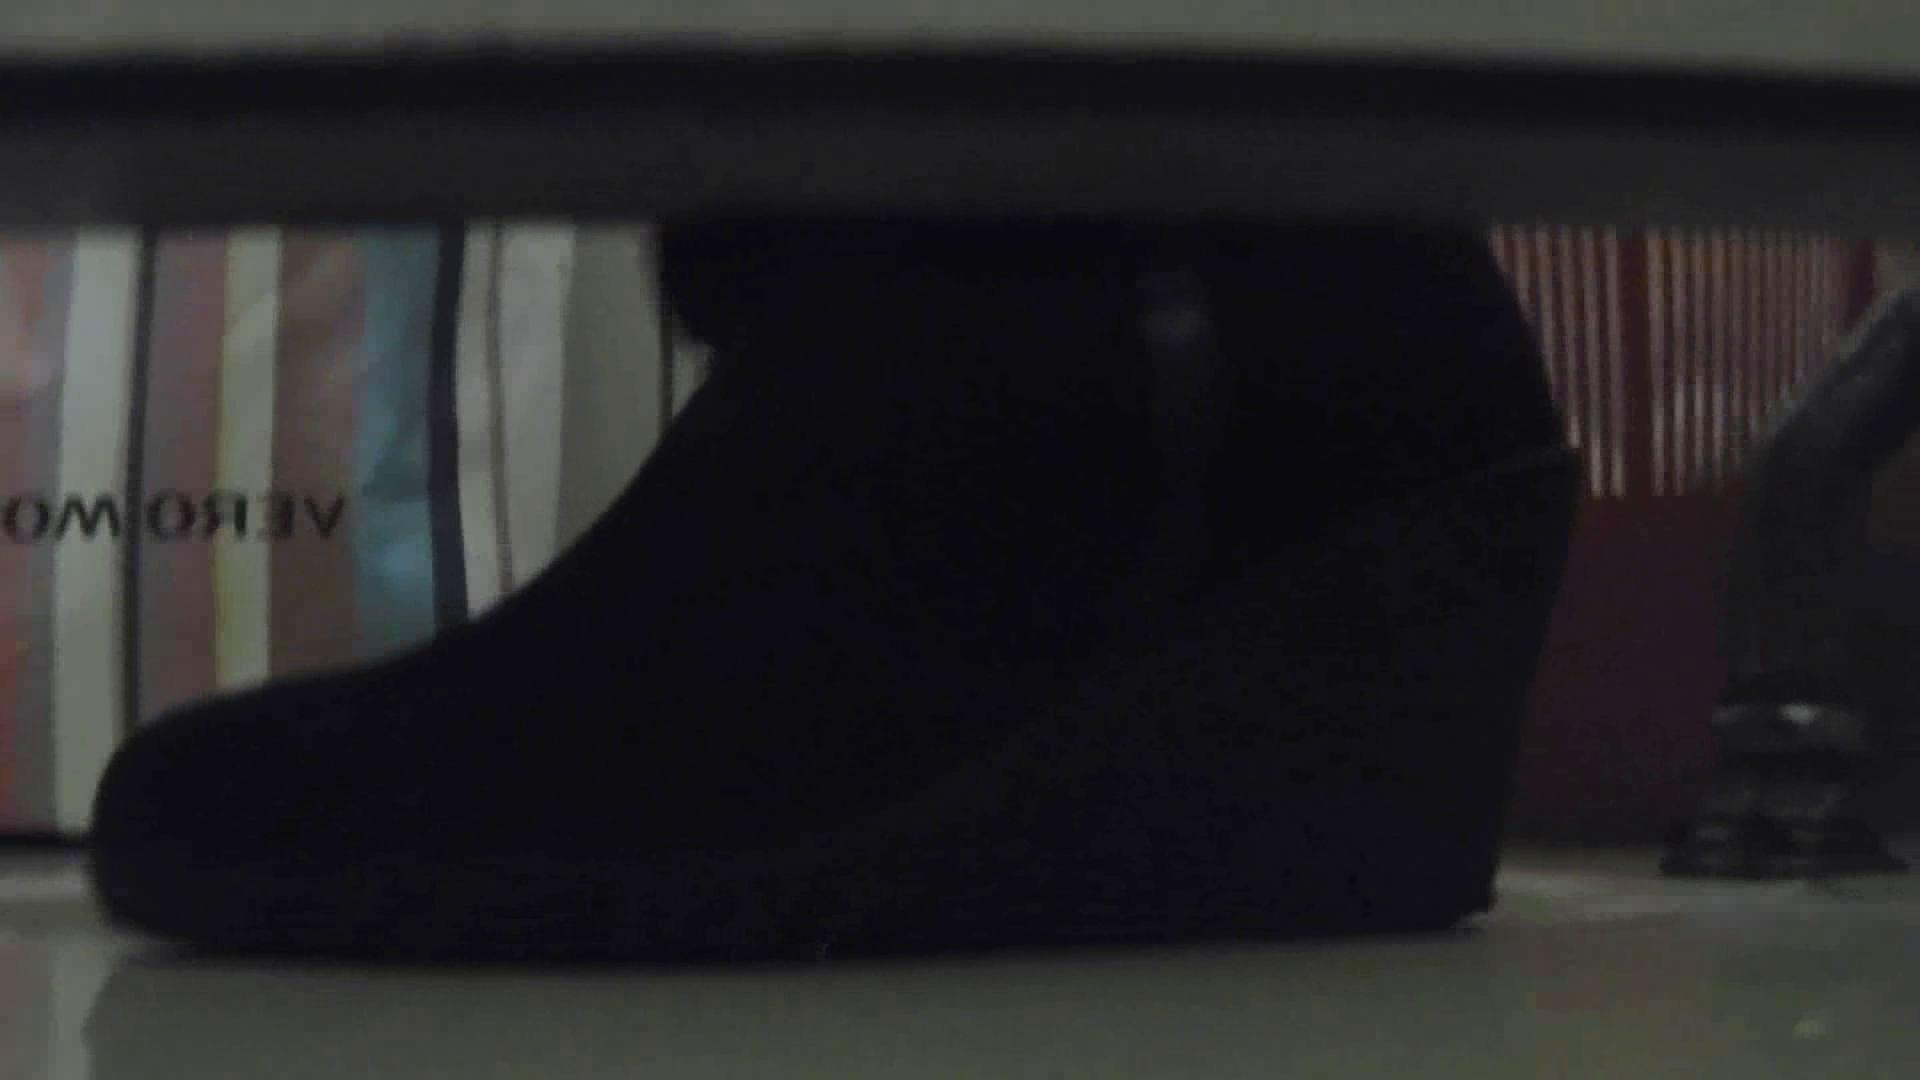 世界の射窓から vol.35 女厕偷拍, 美罗城 南宁国贸 お姉さんのSEX エロ画像 78枚 43